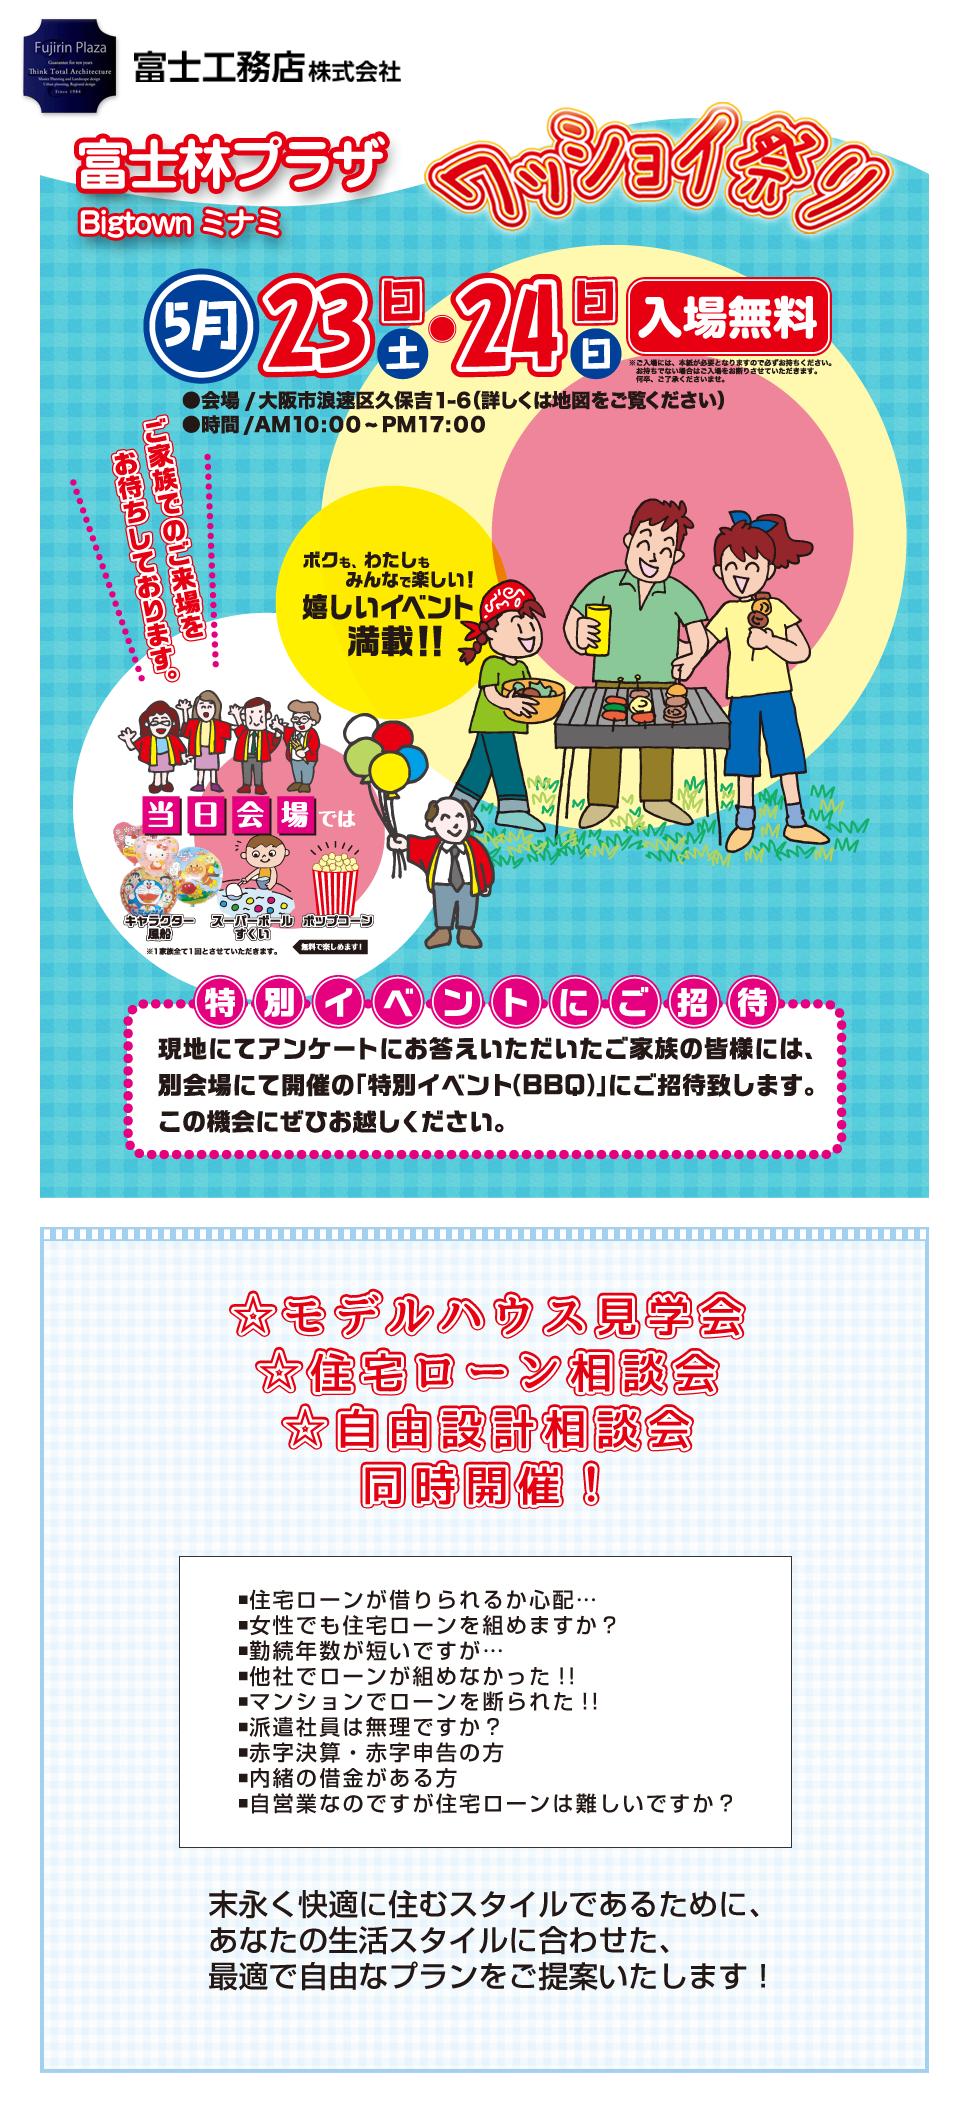 富士工務店 富士林プラザ BigTownミナミ ワッショイ祭り モデルハウス見学会